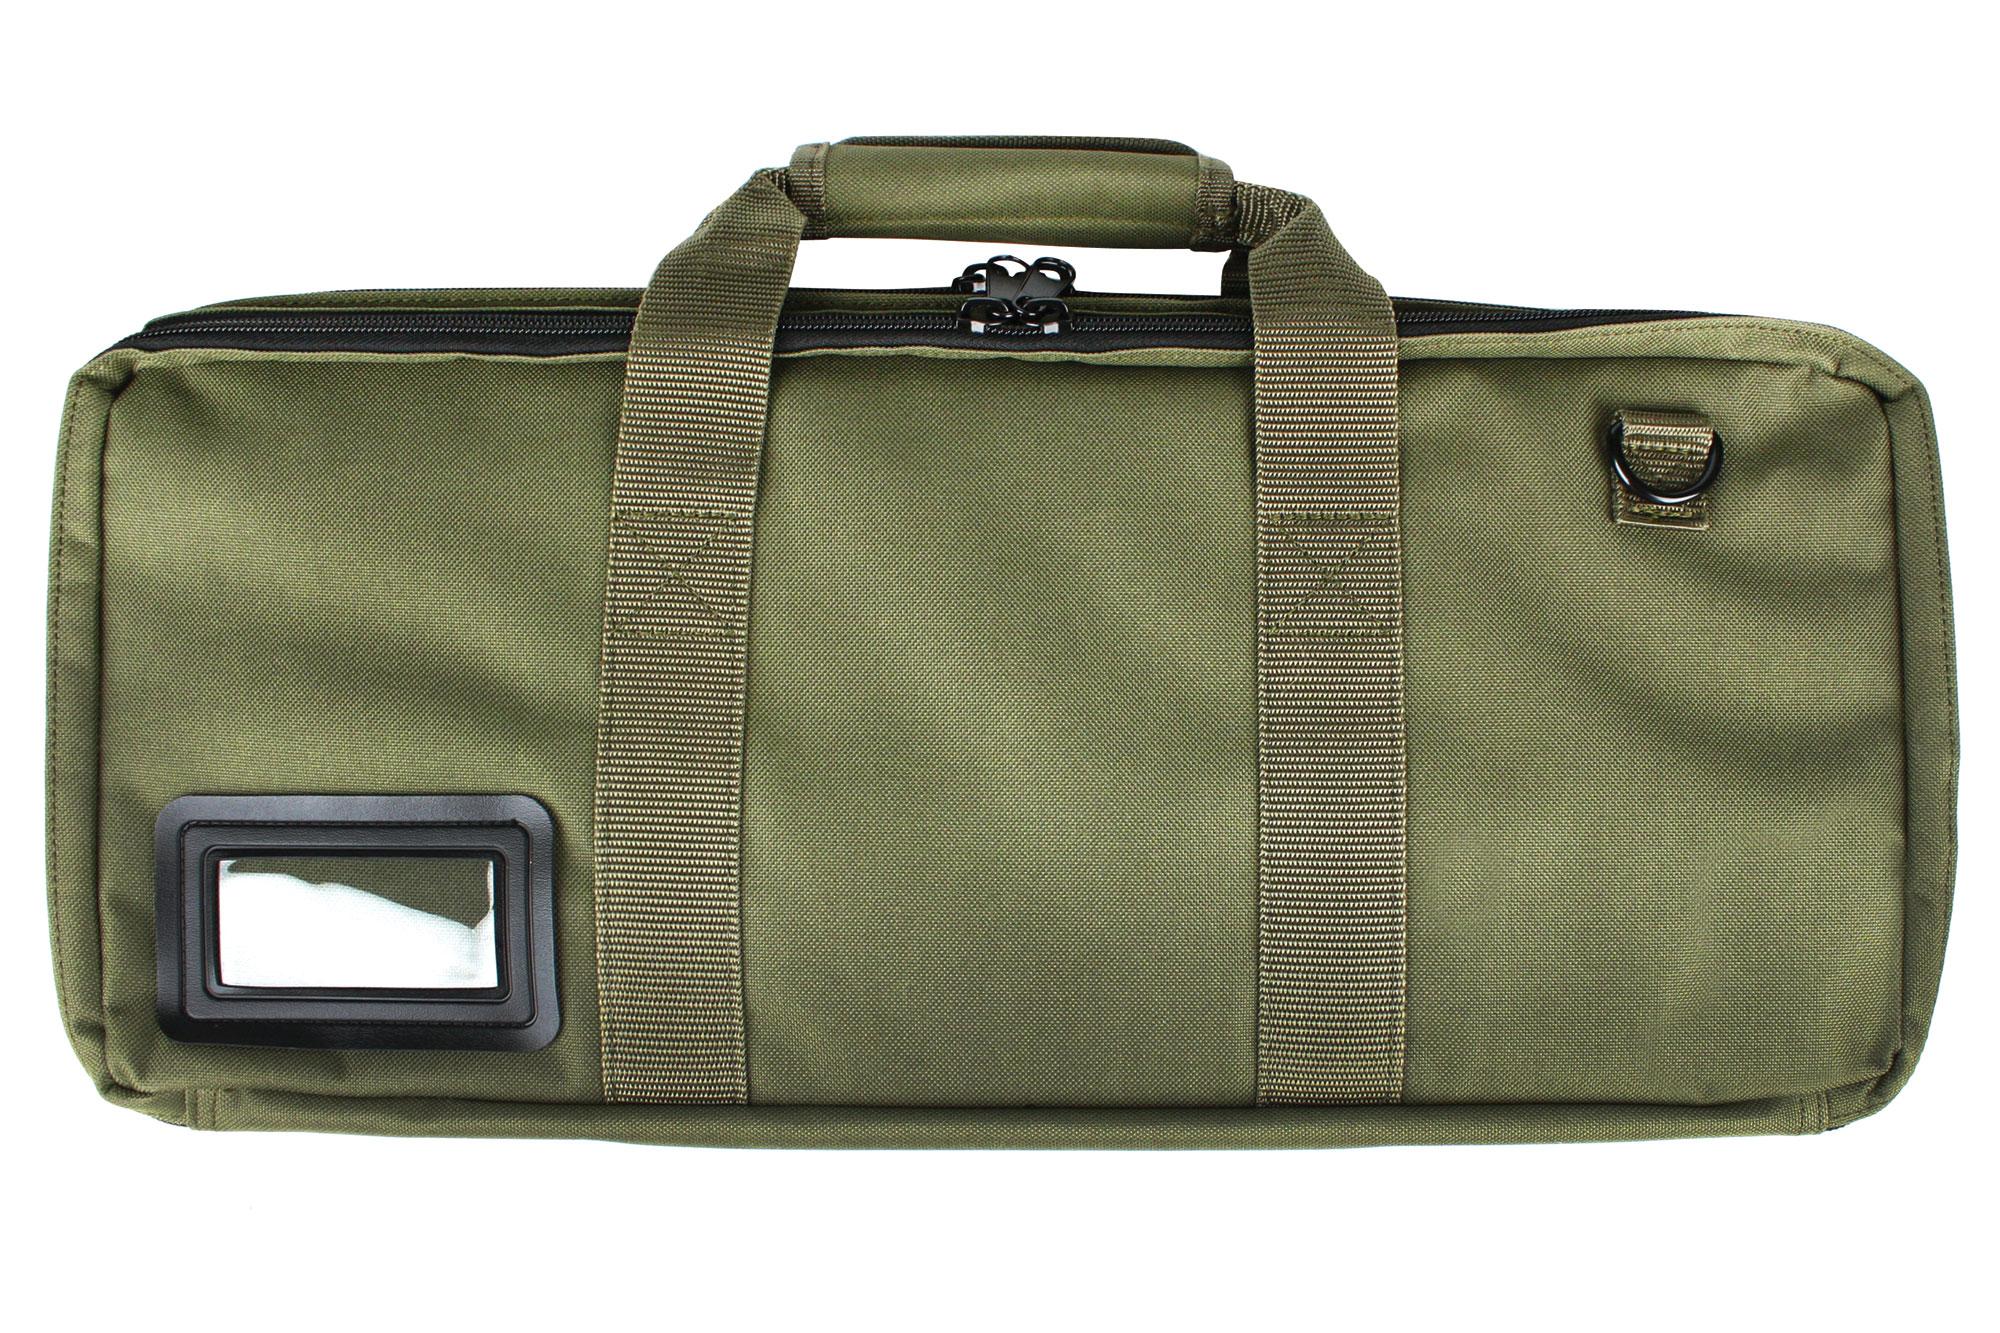 Ultimate Edge Evolution Deluxe Knife Bag 18 Pocket Olive